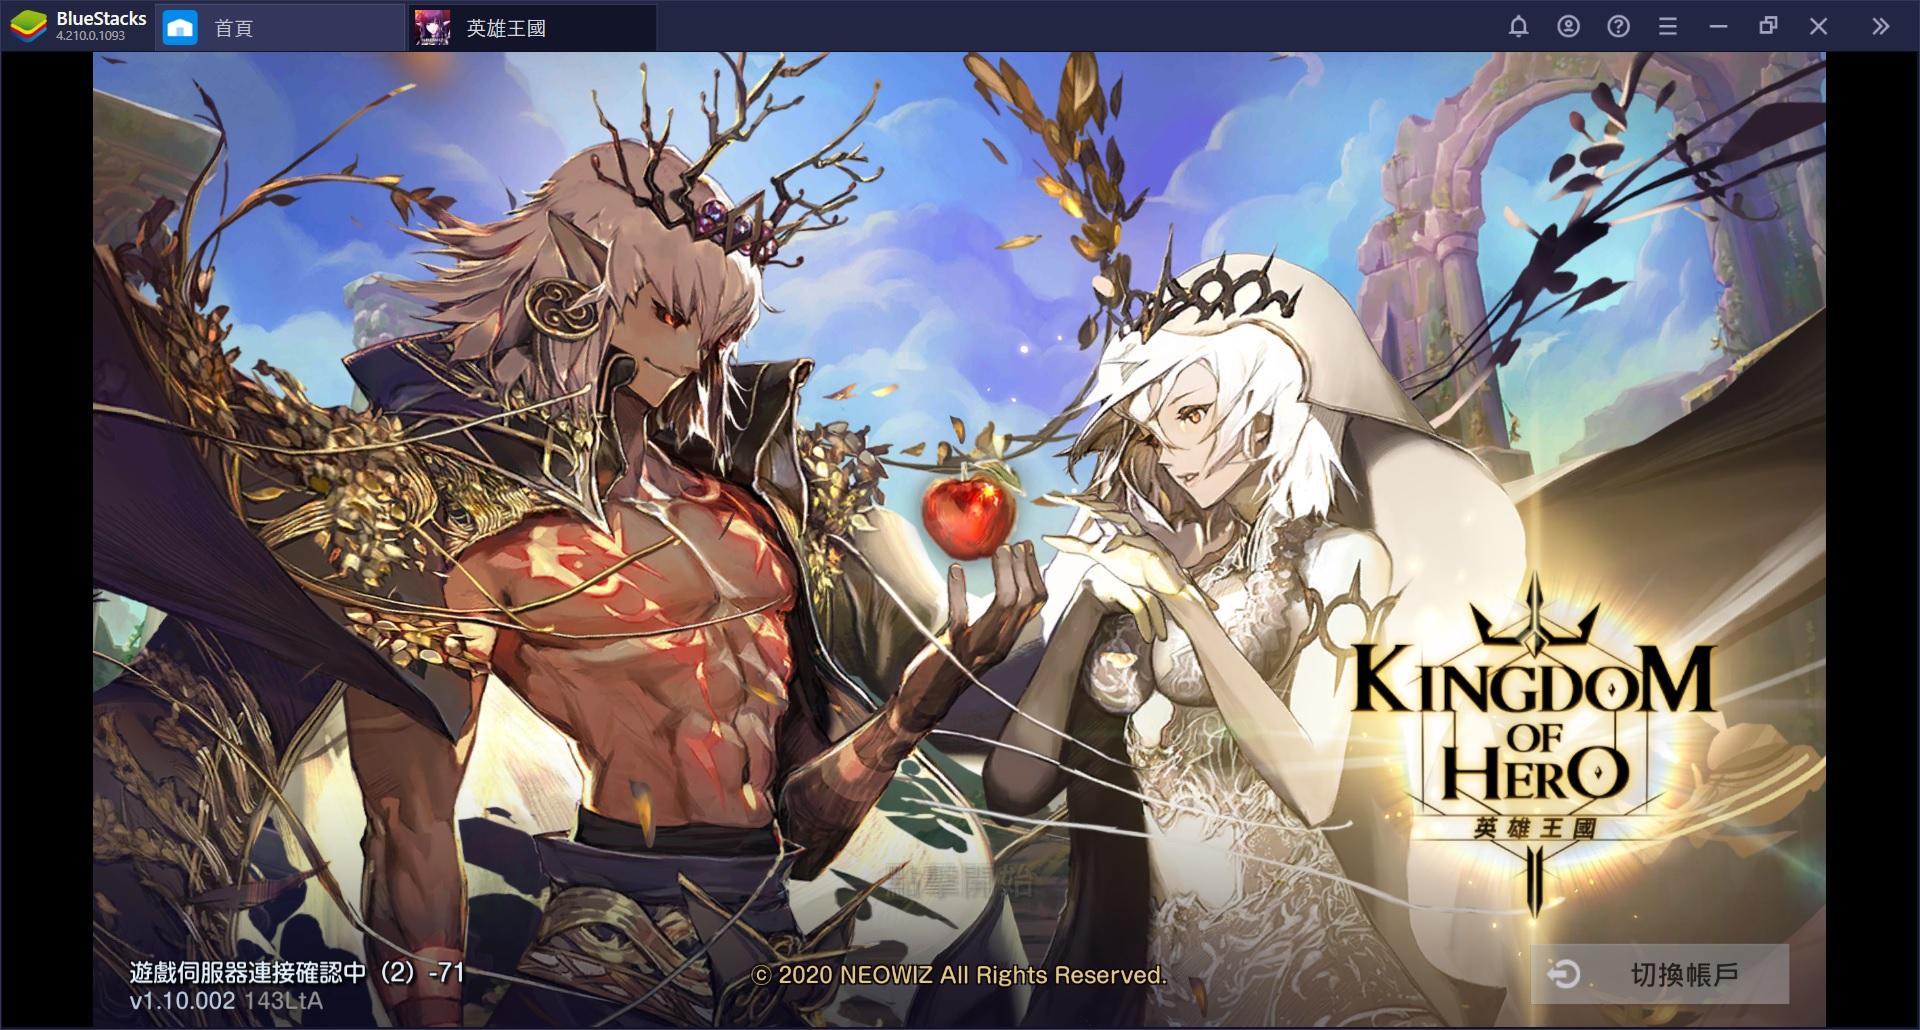 《Kingdom of Hero:英雄王國》:新手英雄禮包中最受歡迎的英雄之介紹